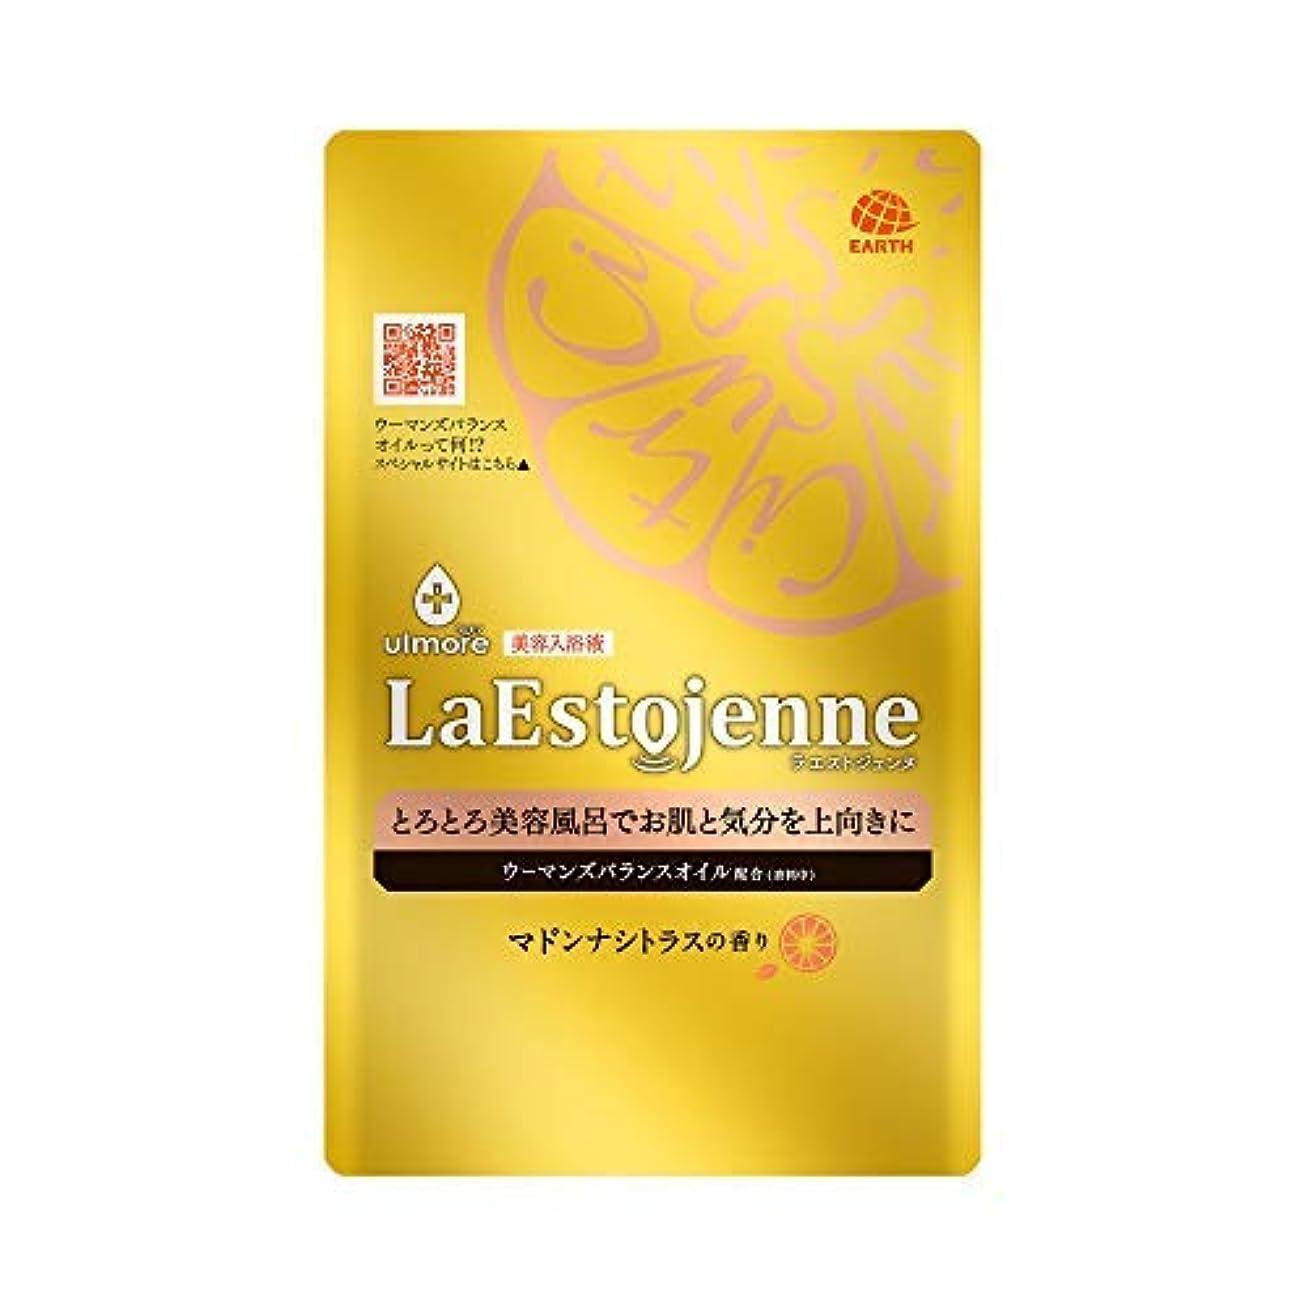 記念日学習安いですウルモア ラエストジェンヌ マドンナシトラスの香り 1包 × 8個セット